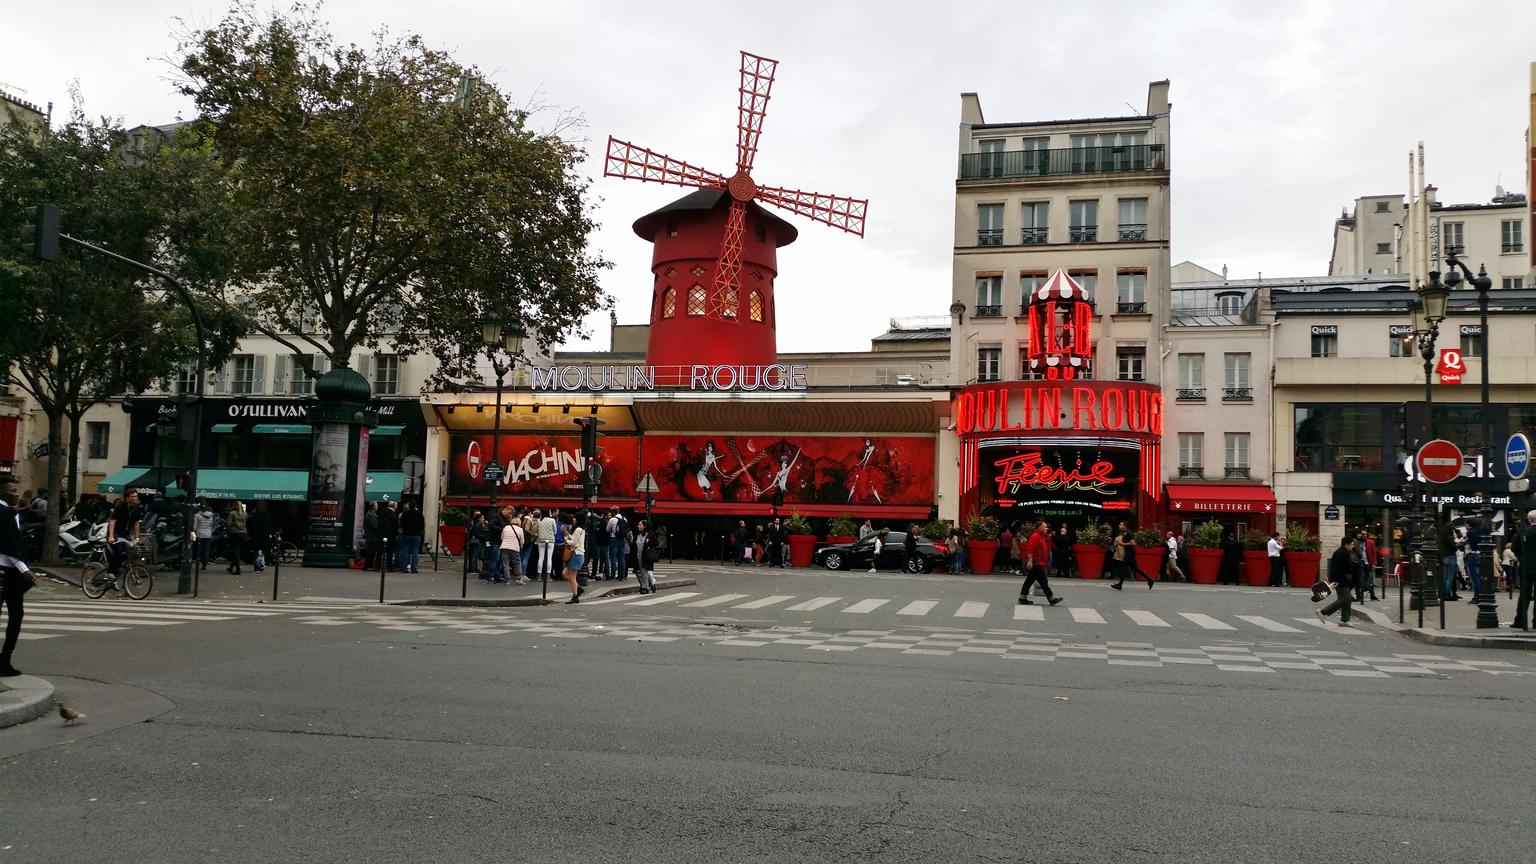 MAIS FOTOS, Jantar e show Moulin Rouge, Paris